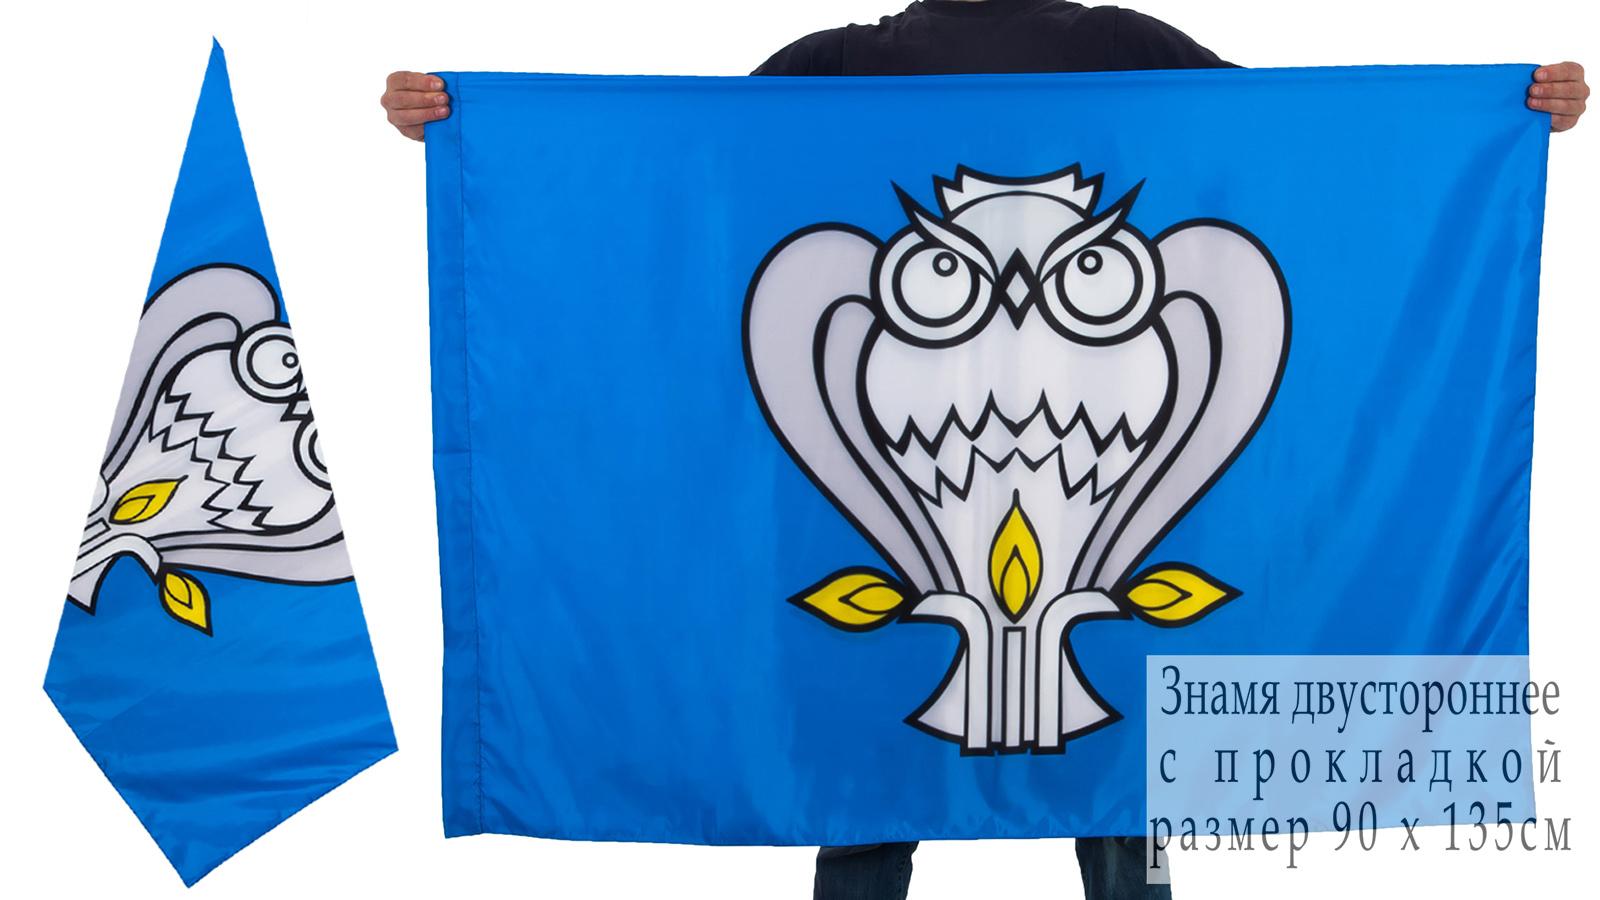 Двухсторонний флаг Нового Уренгоя